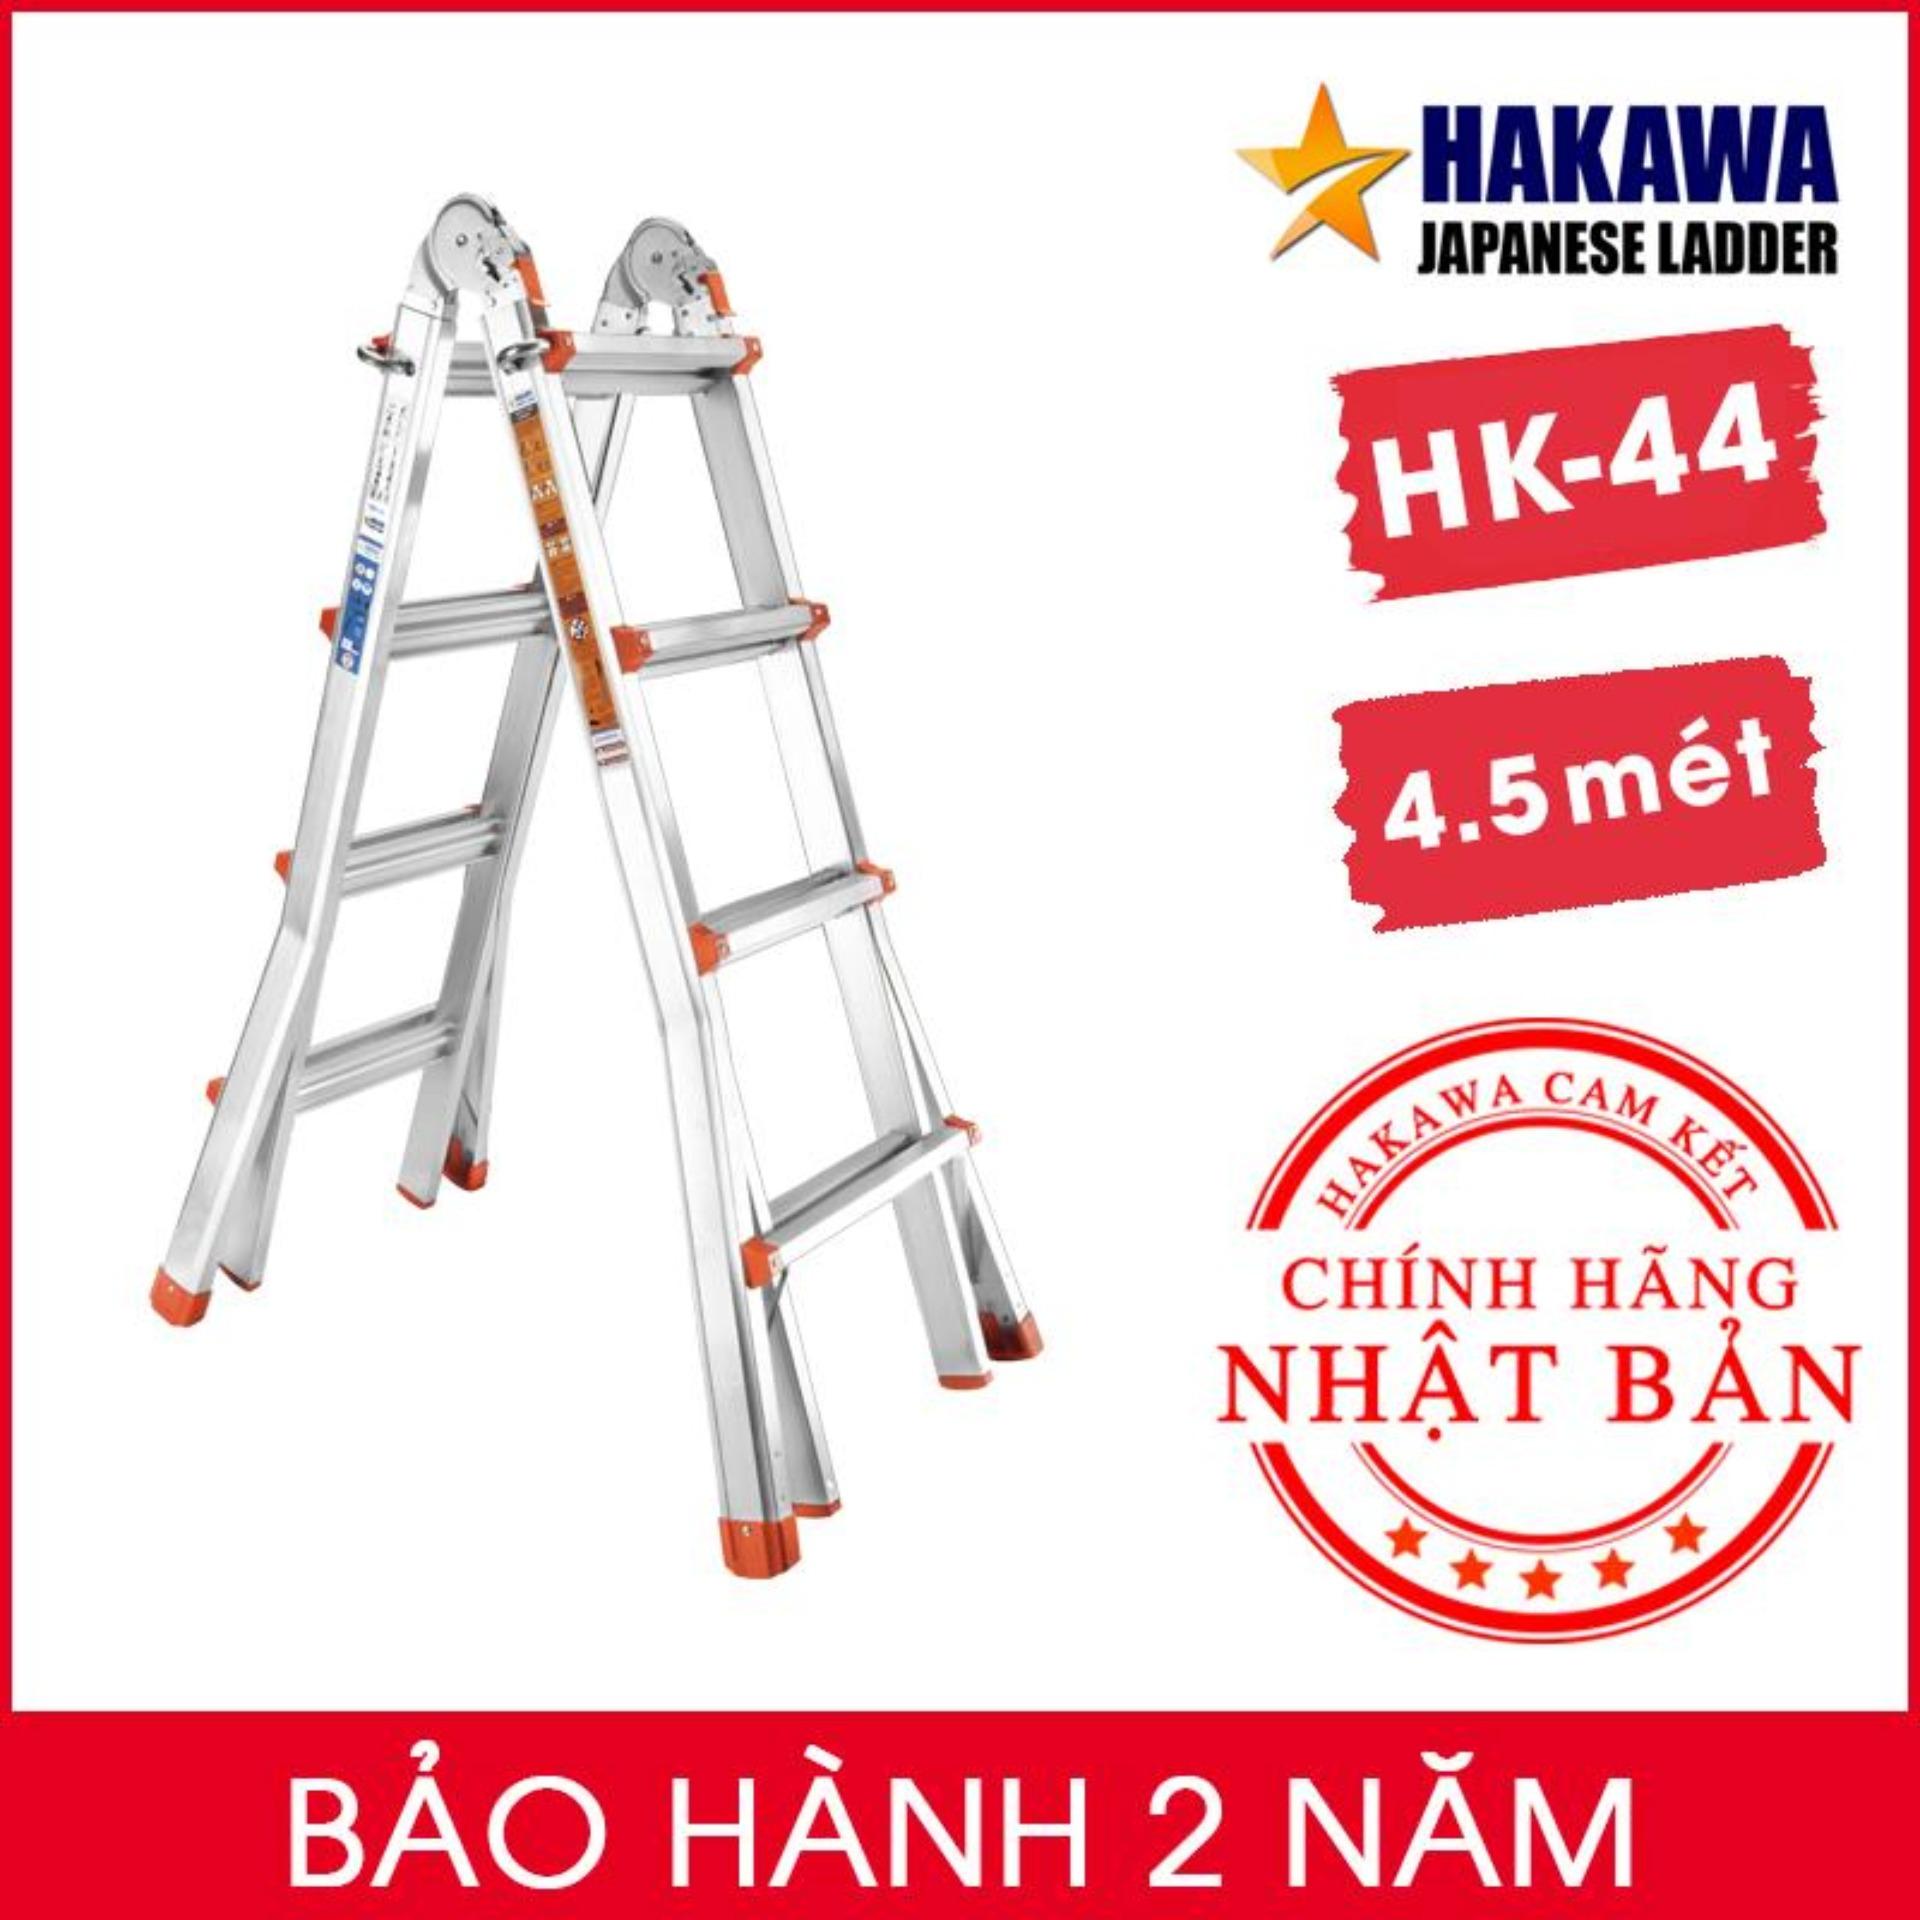 Thang trượt HAKAWA HK44 - Cải tiến mới 2019 - Sử dụng cho công trình - Gia đình  - Siêu bền - Siêu chắc